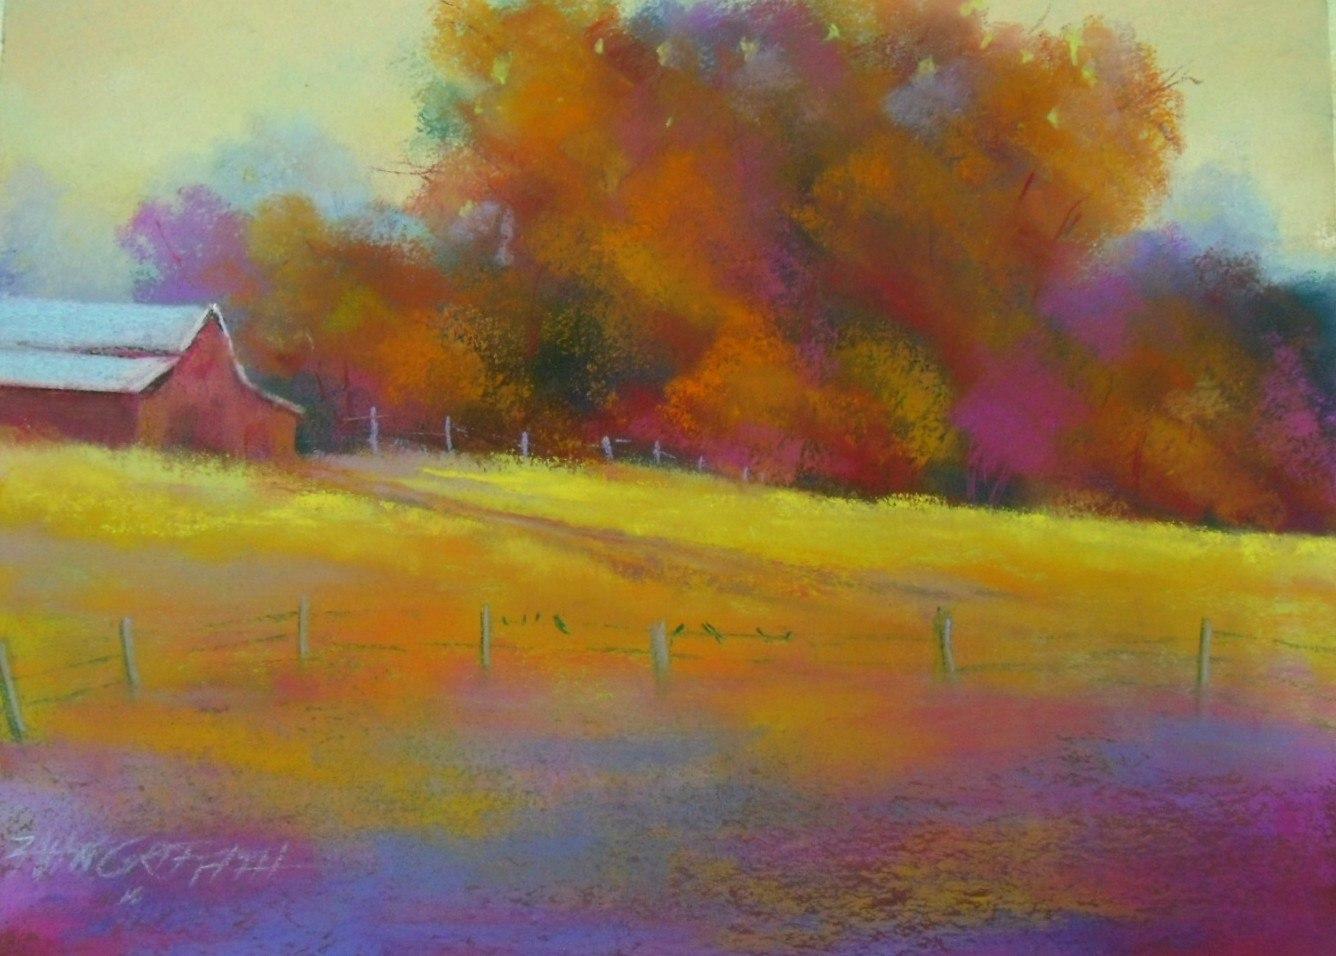 осень пастелью